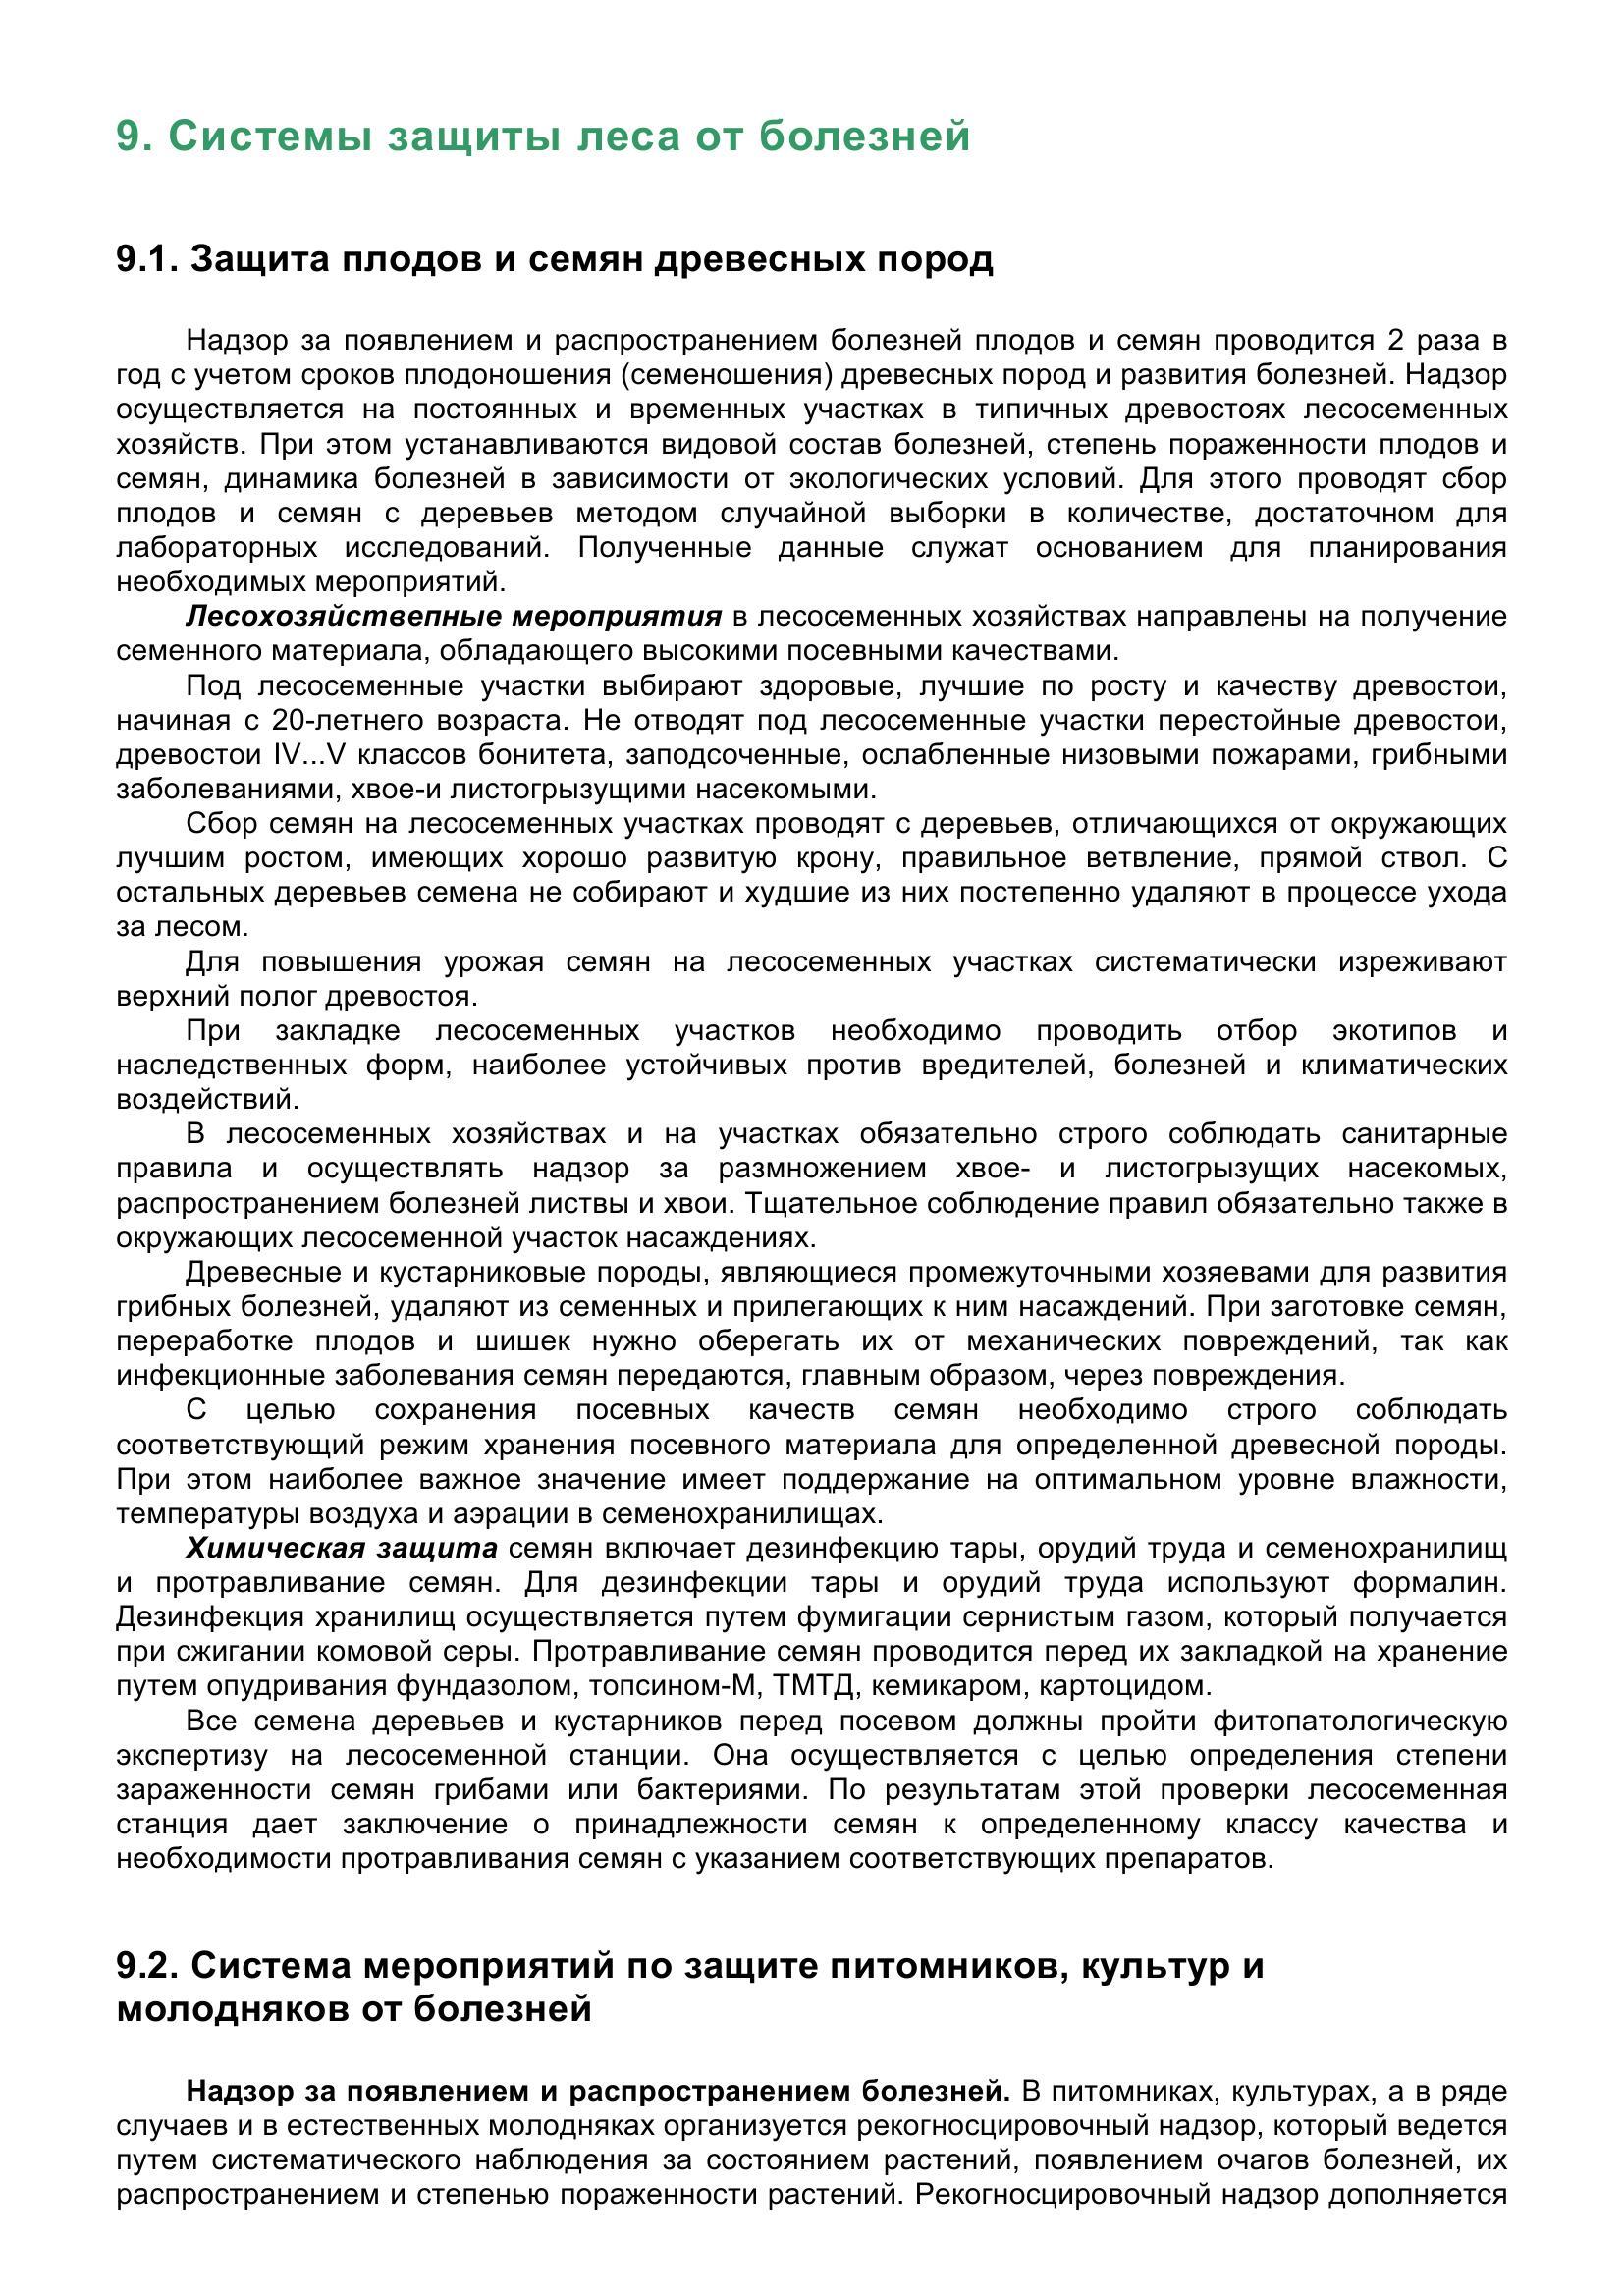 Болезни_древесных_растений_104.jpg